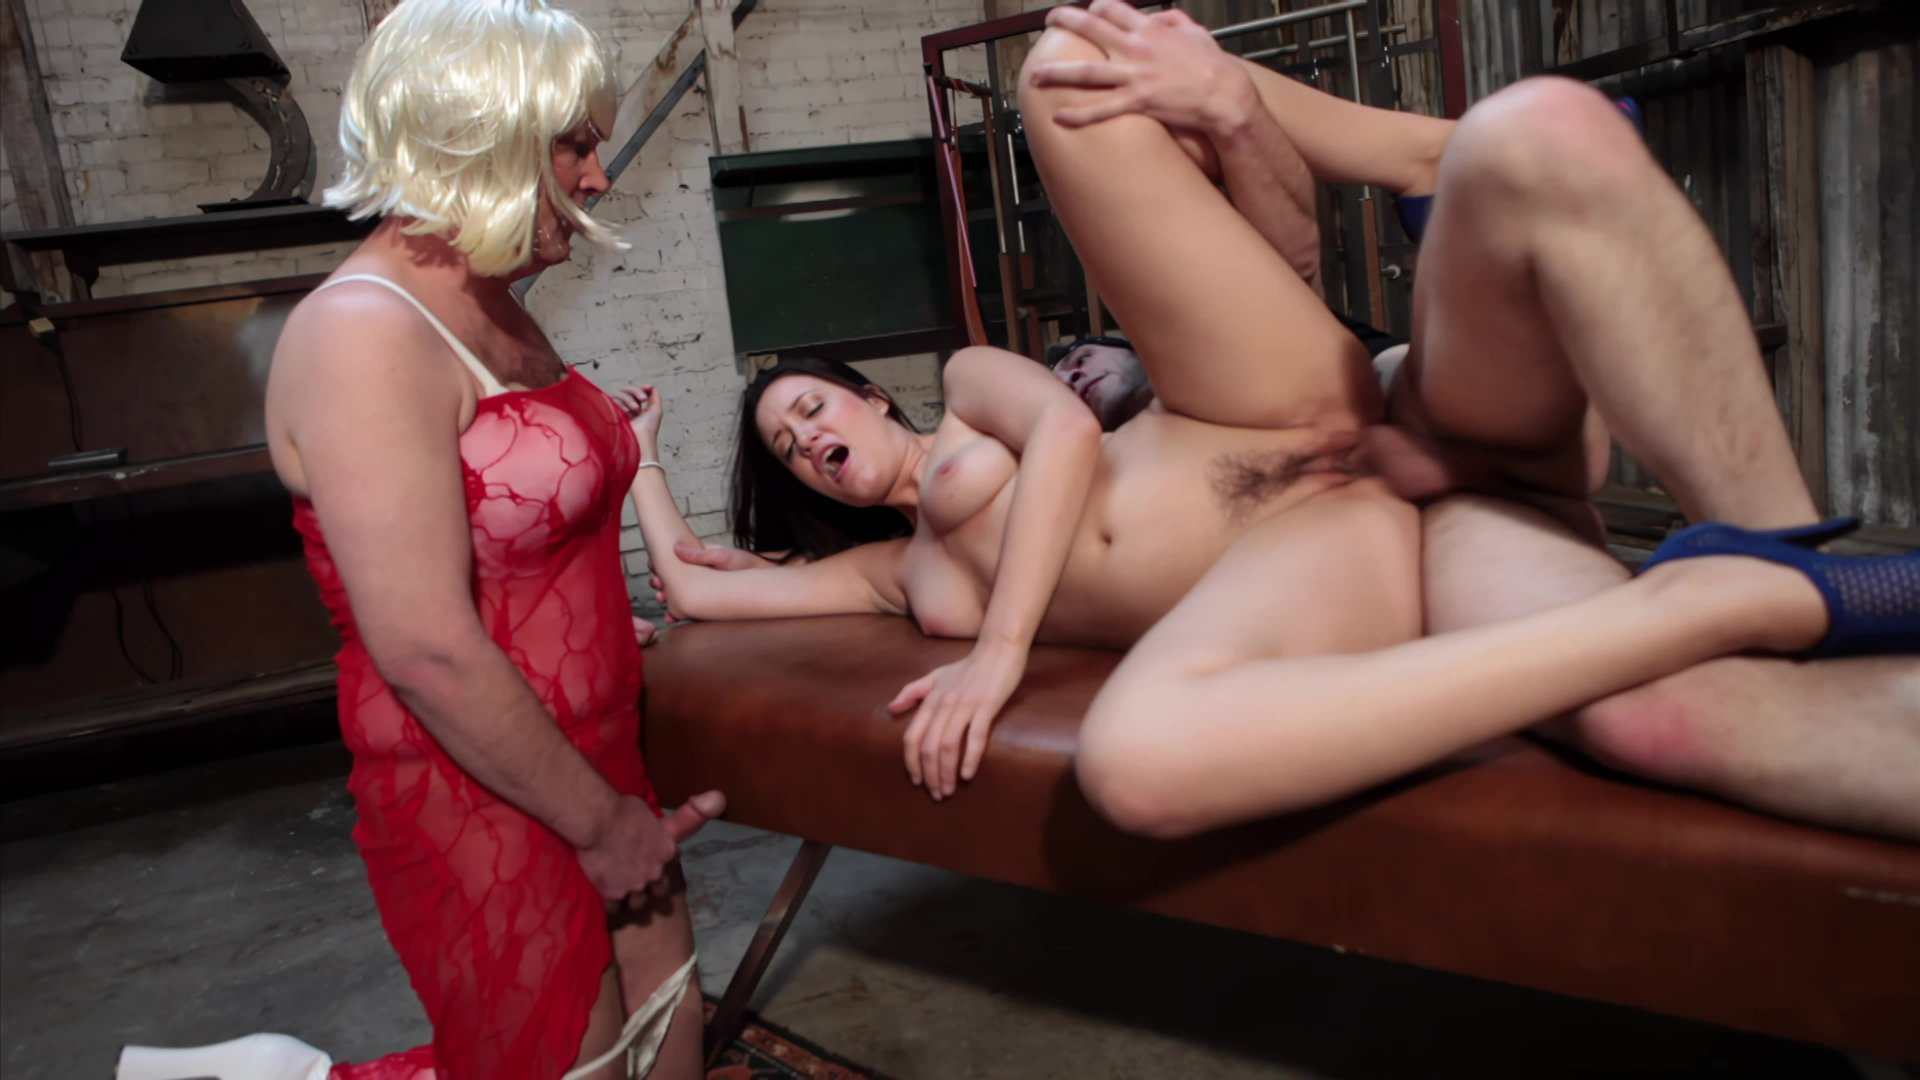 cuckold freundin markt erotik